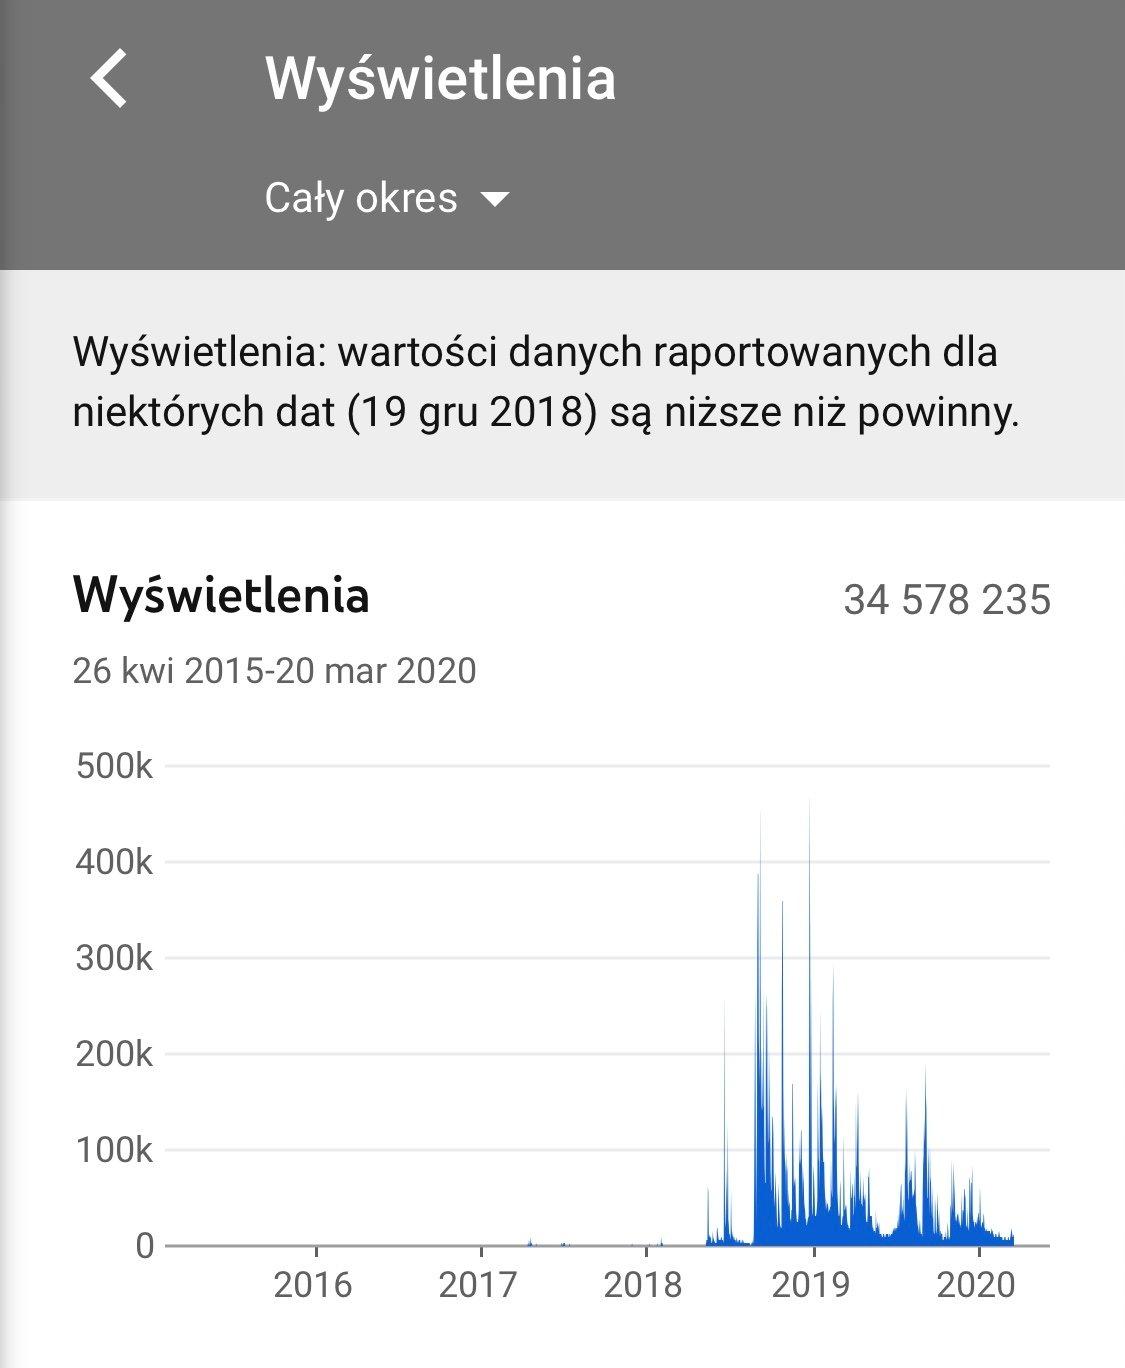 Mateusz Chmielarek Sprzedaje Swoj Kanal Youtube Na Allegro Ile Za Niego Chce Boop Pl